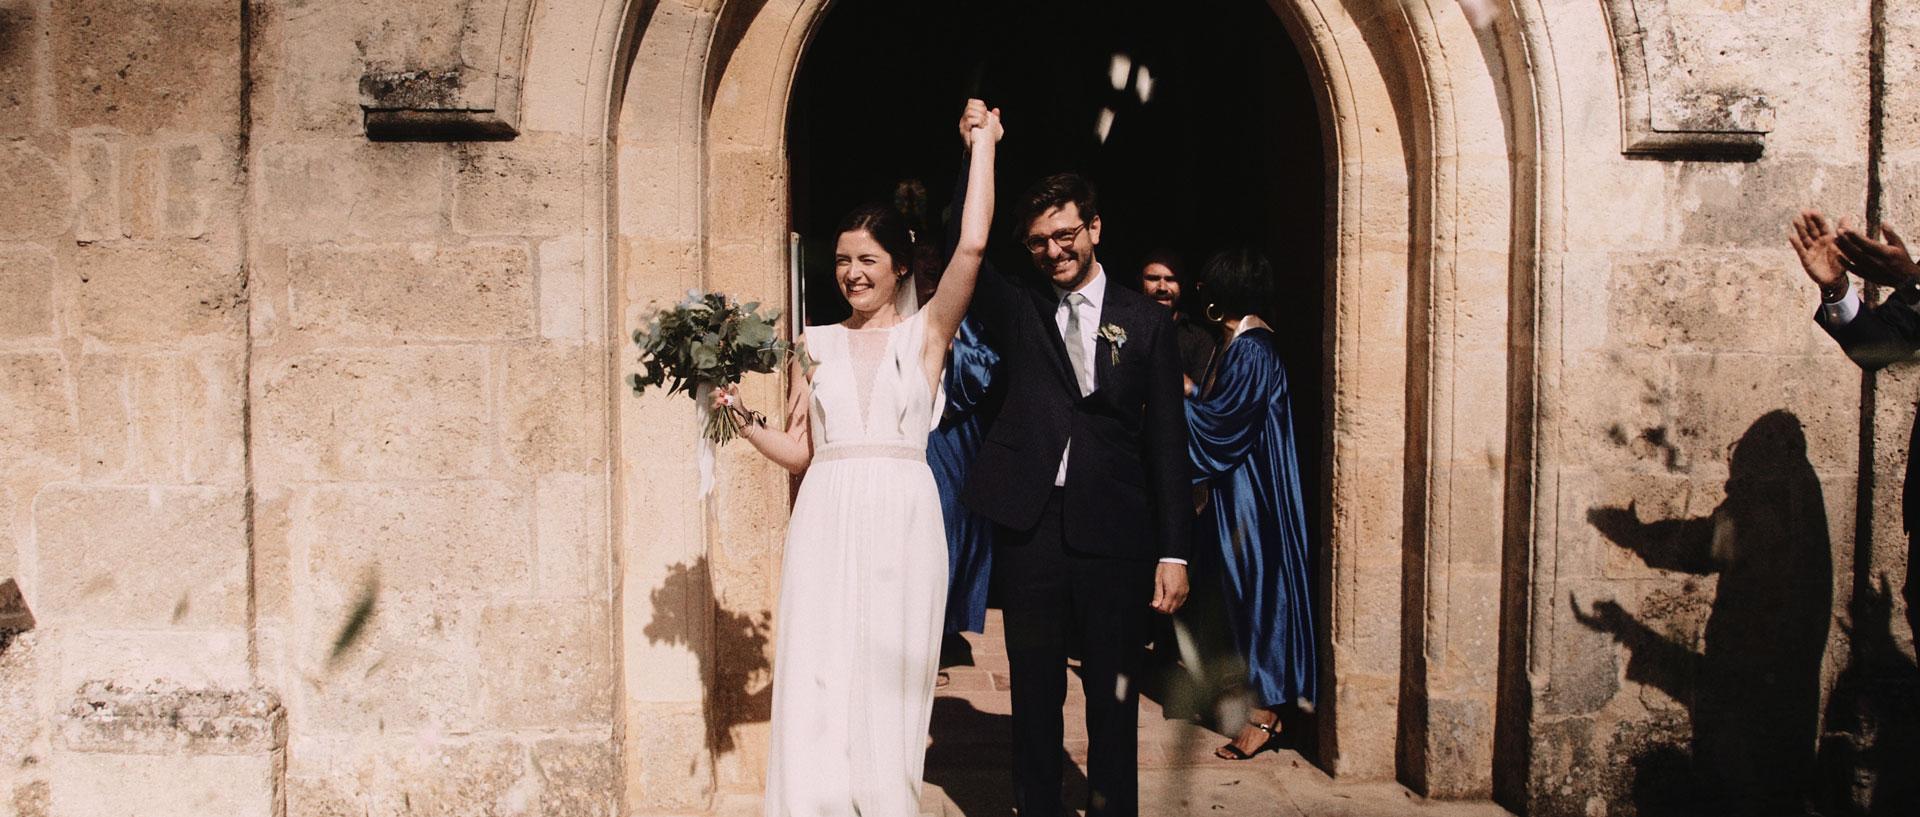 Lucie & Francois -  Chateau la Tourbeille Bordeaux Dordogne (23).jpg